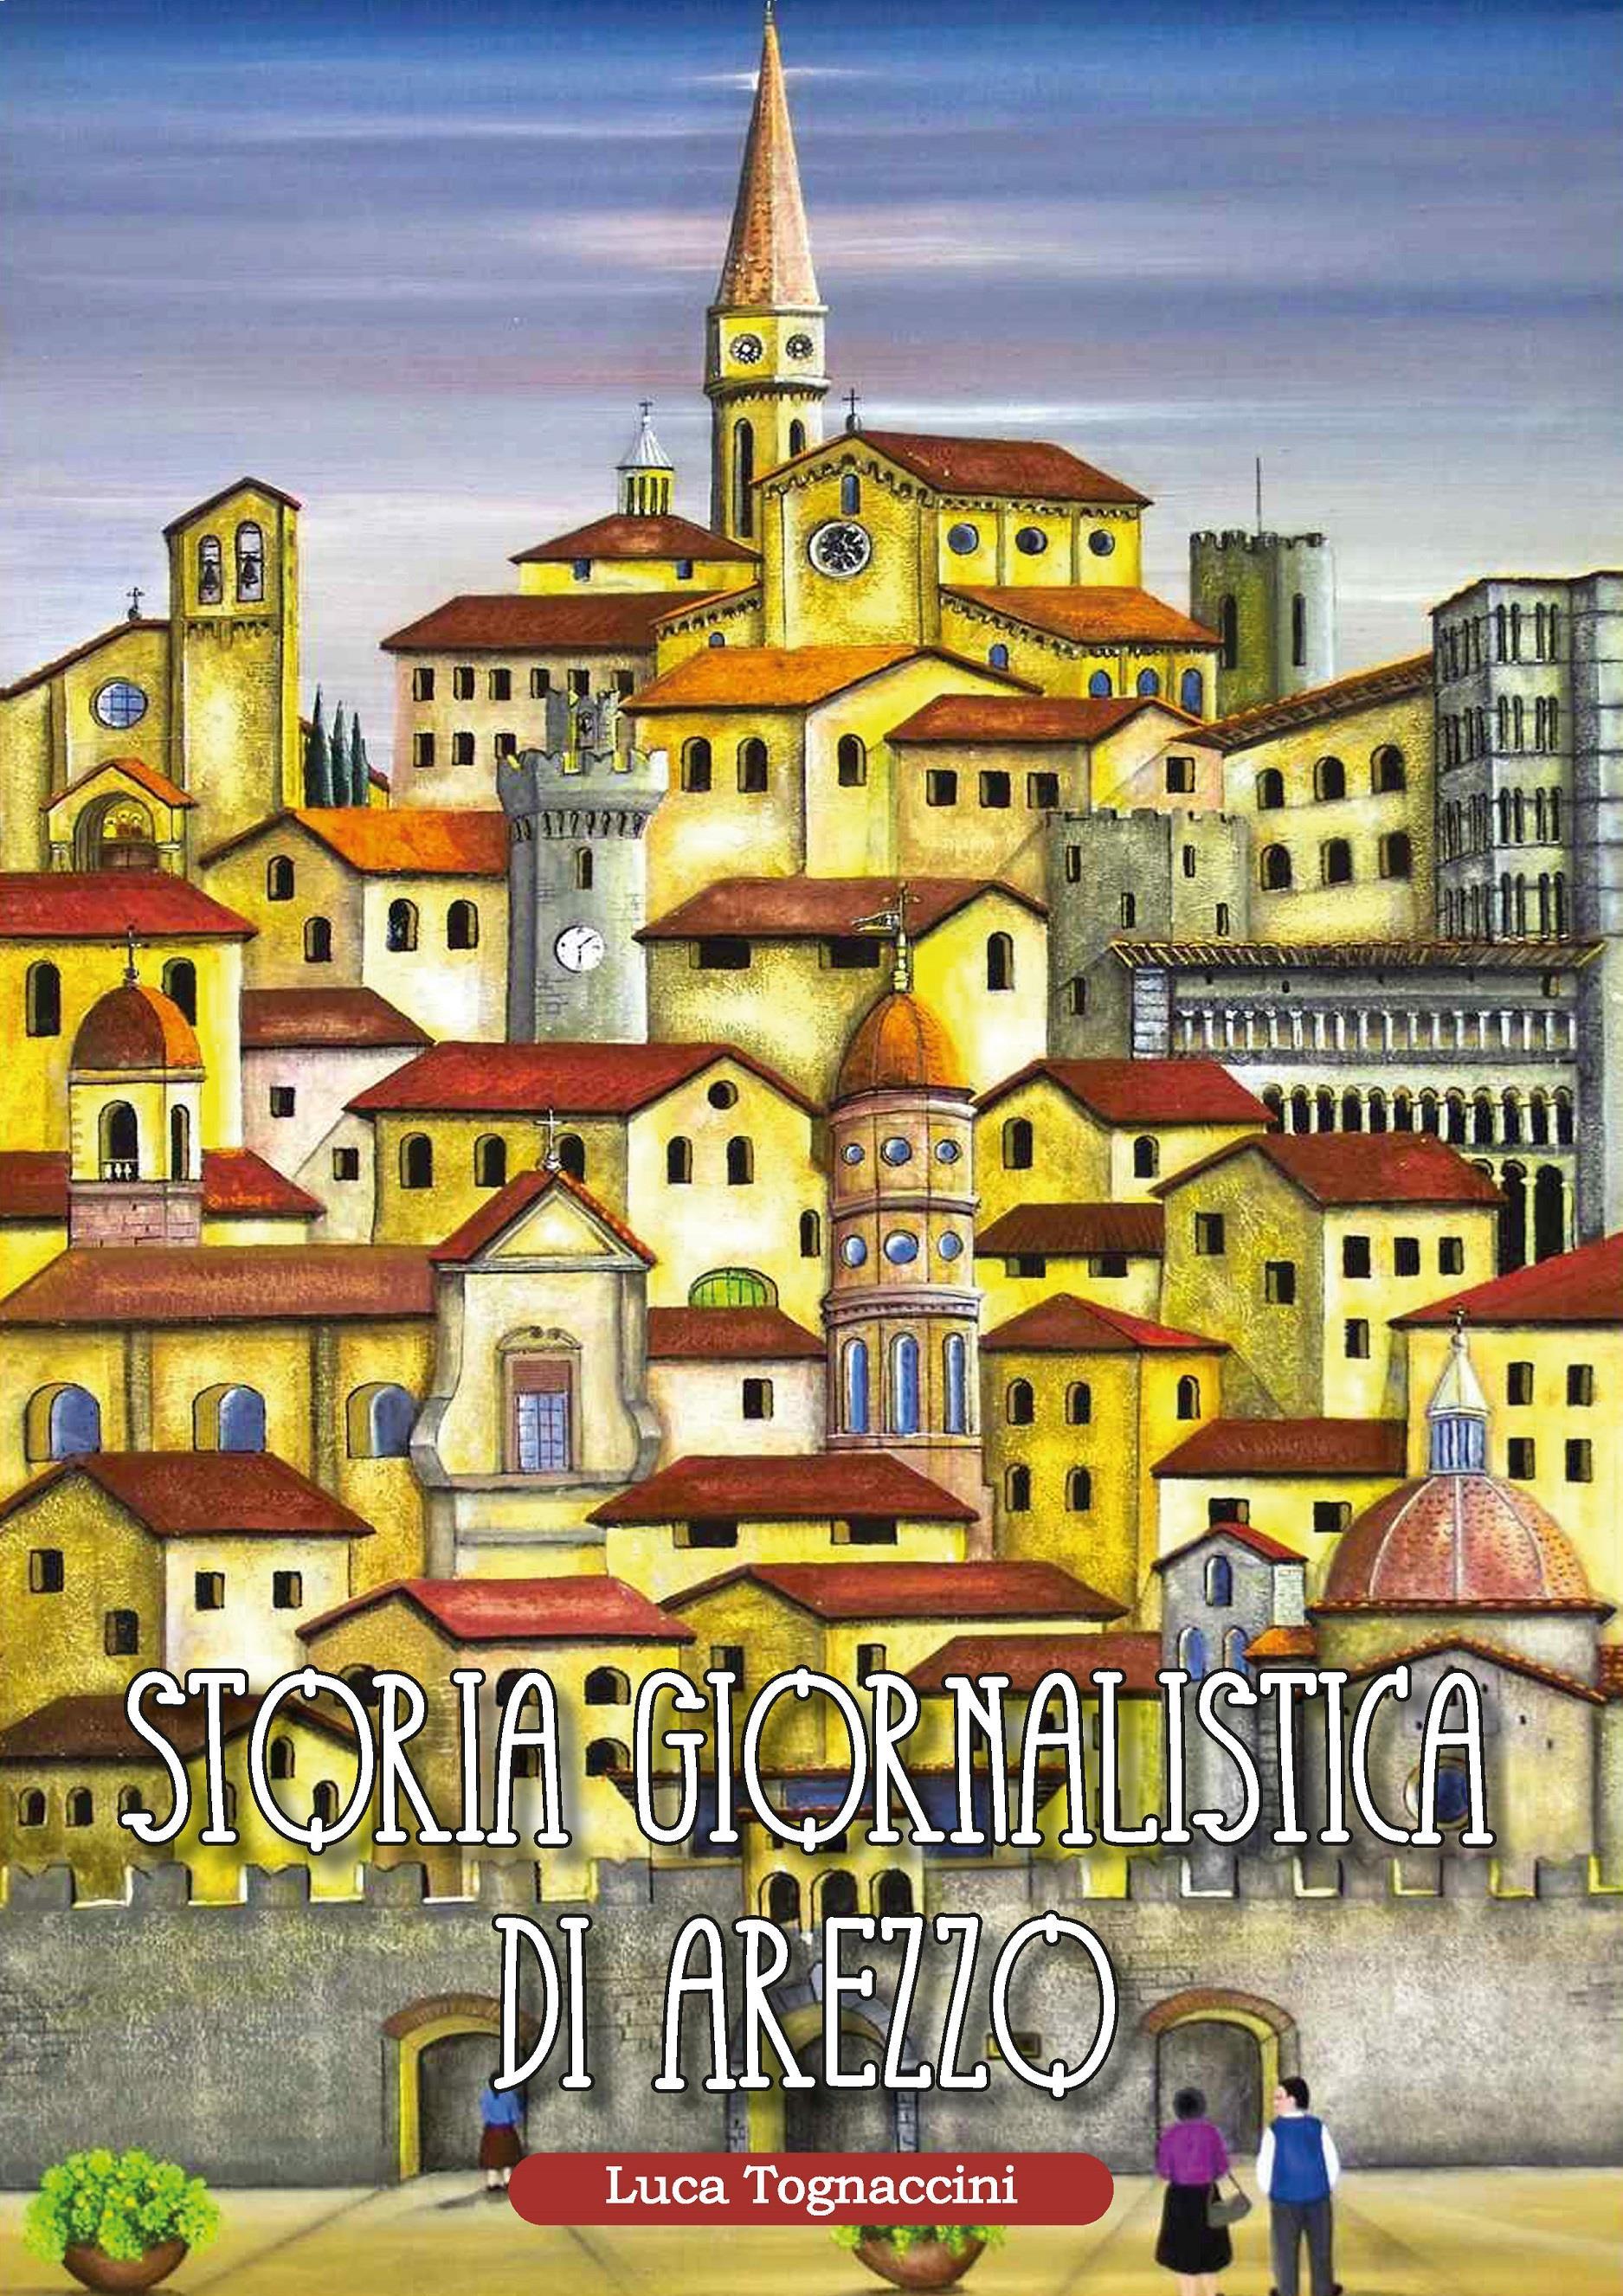 Storia giornalistica di Arezzo